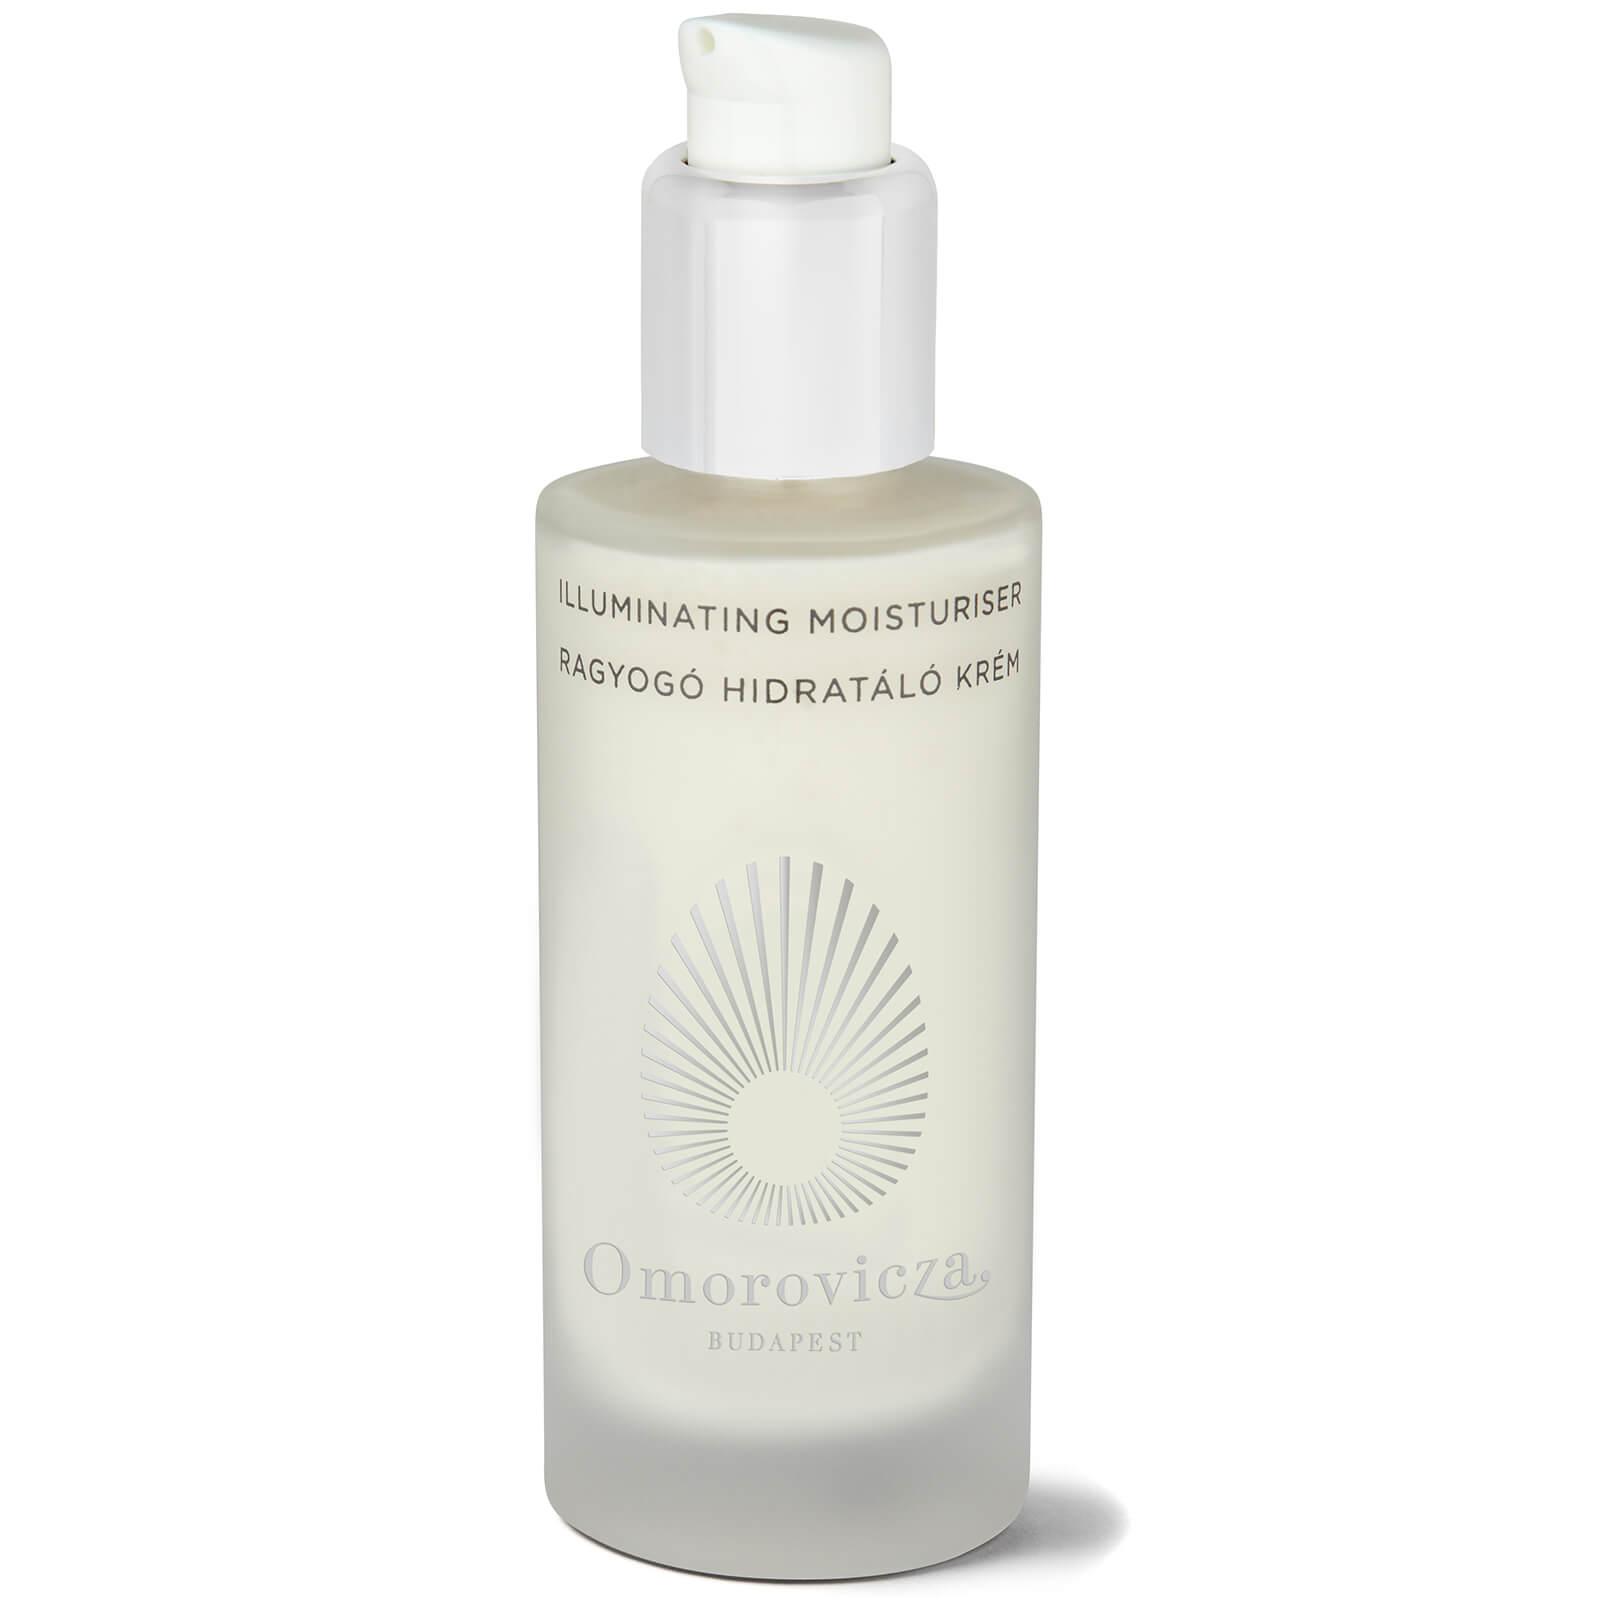 Omorovicza Illuminating Moisturiser (50ml)